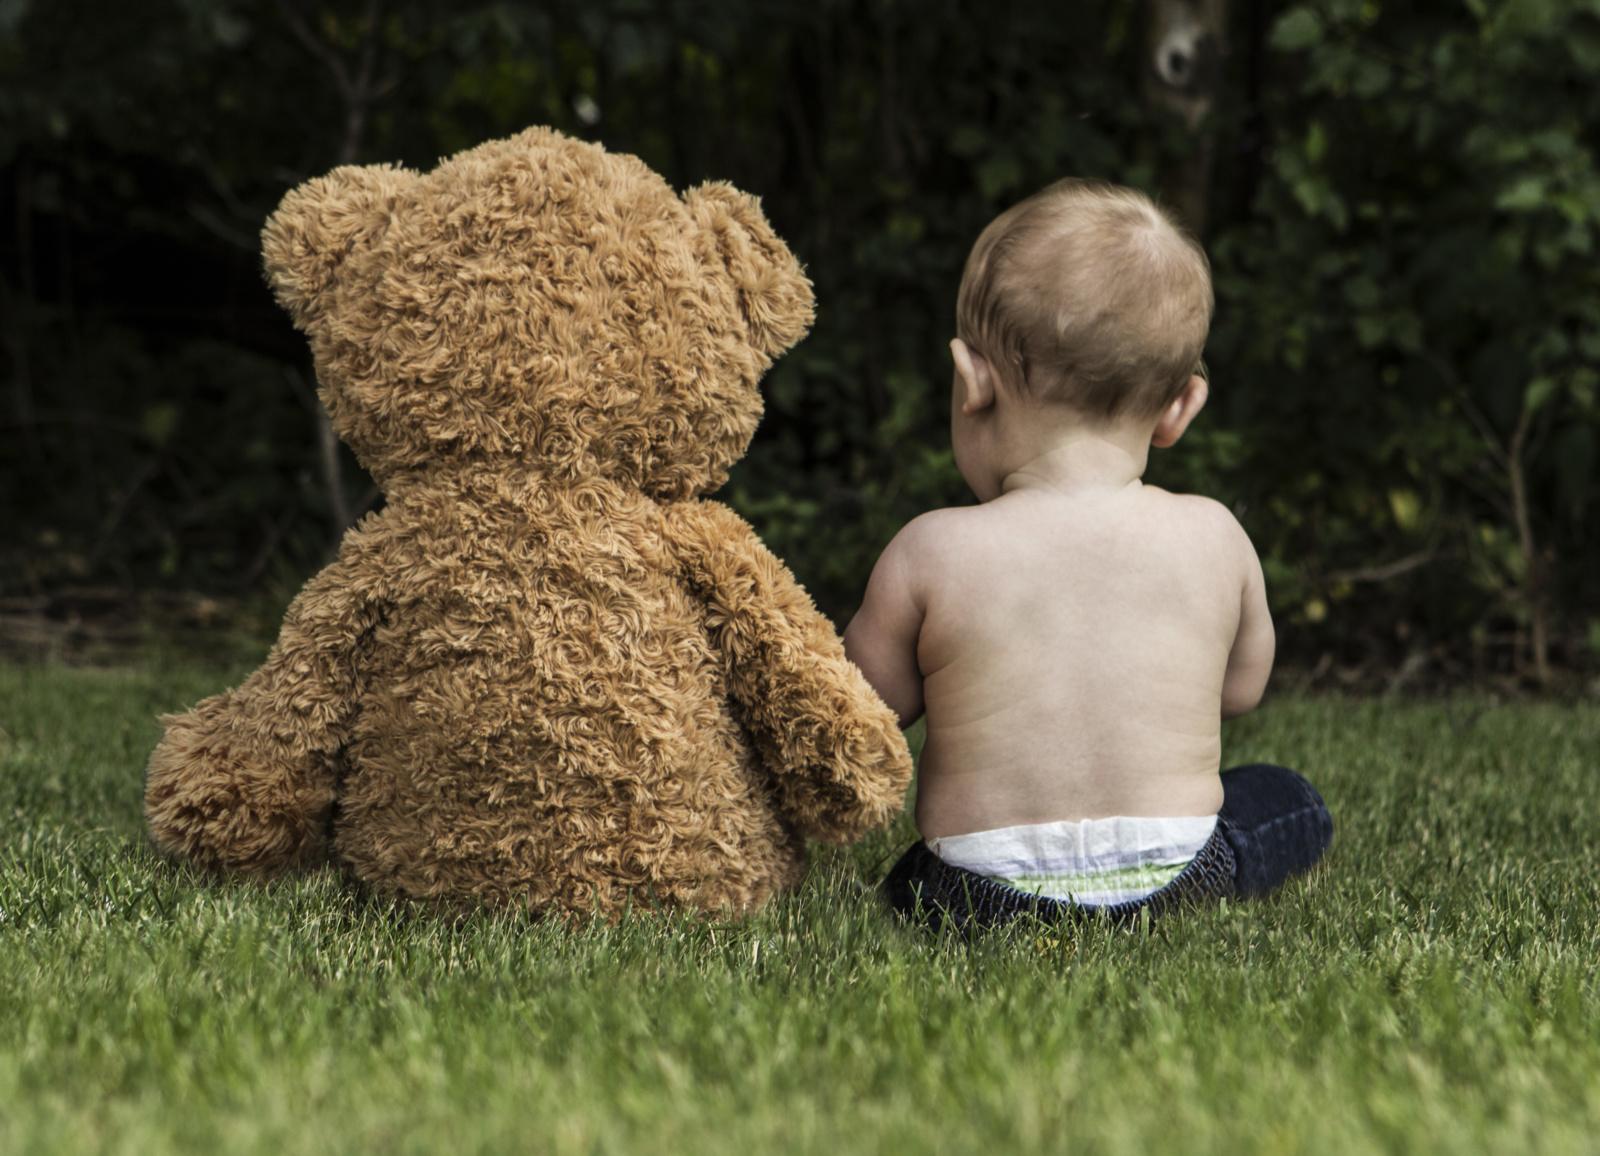 Smurtautojai ir toliau smurtauja, teigia vaikų gydytojas R. Kėvalas